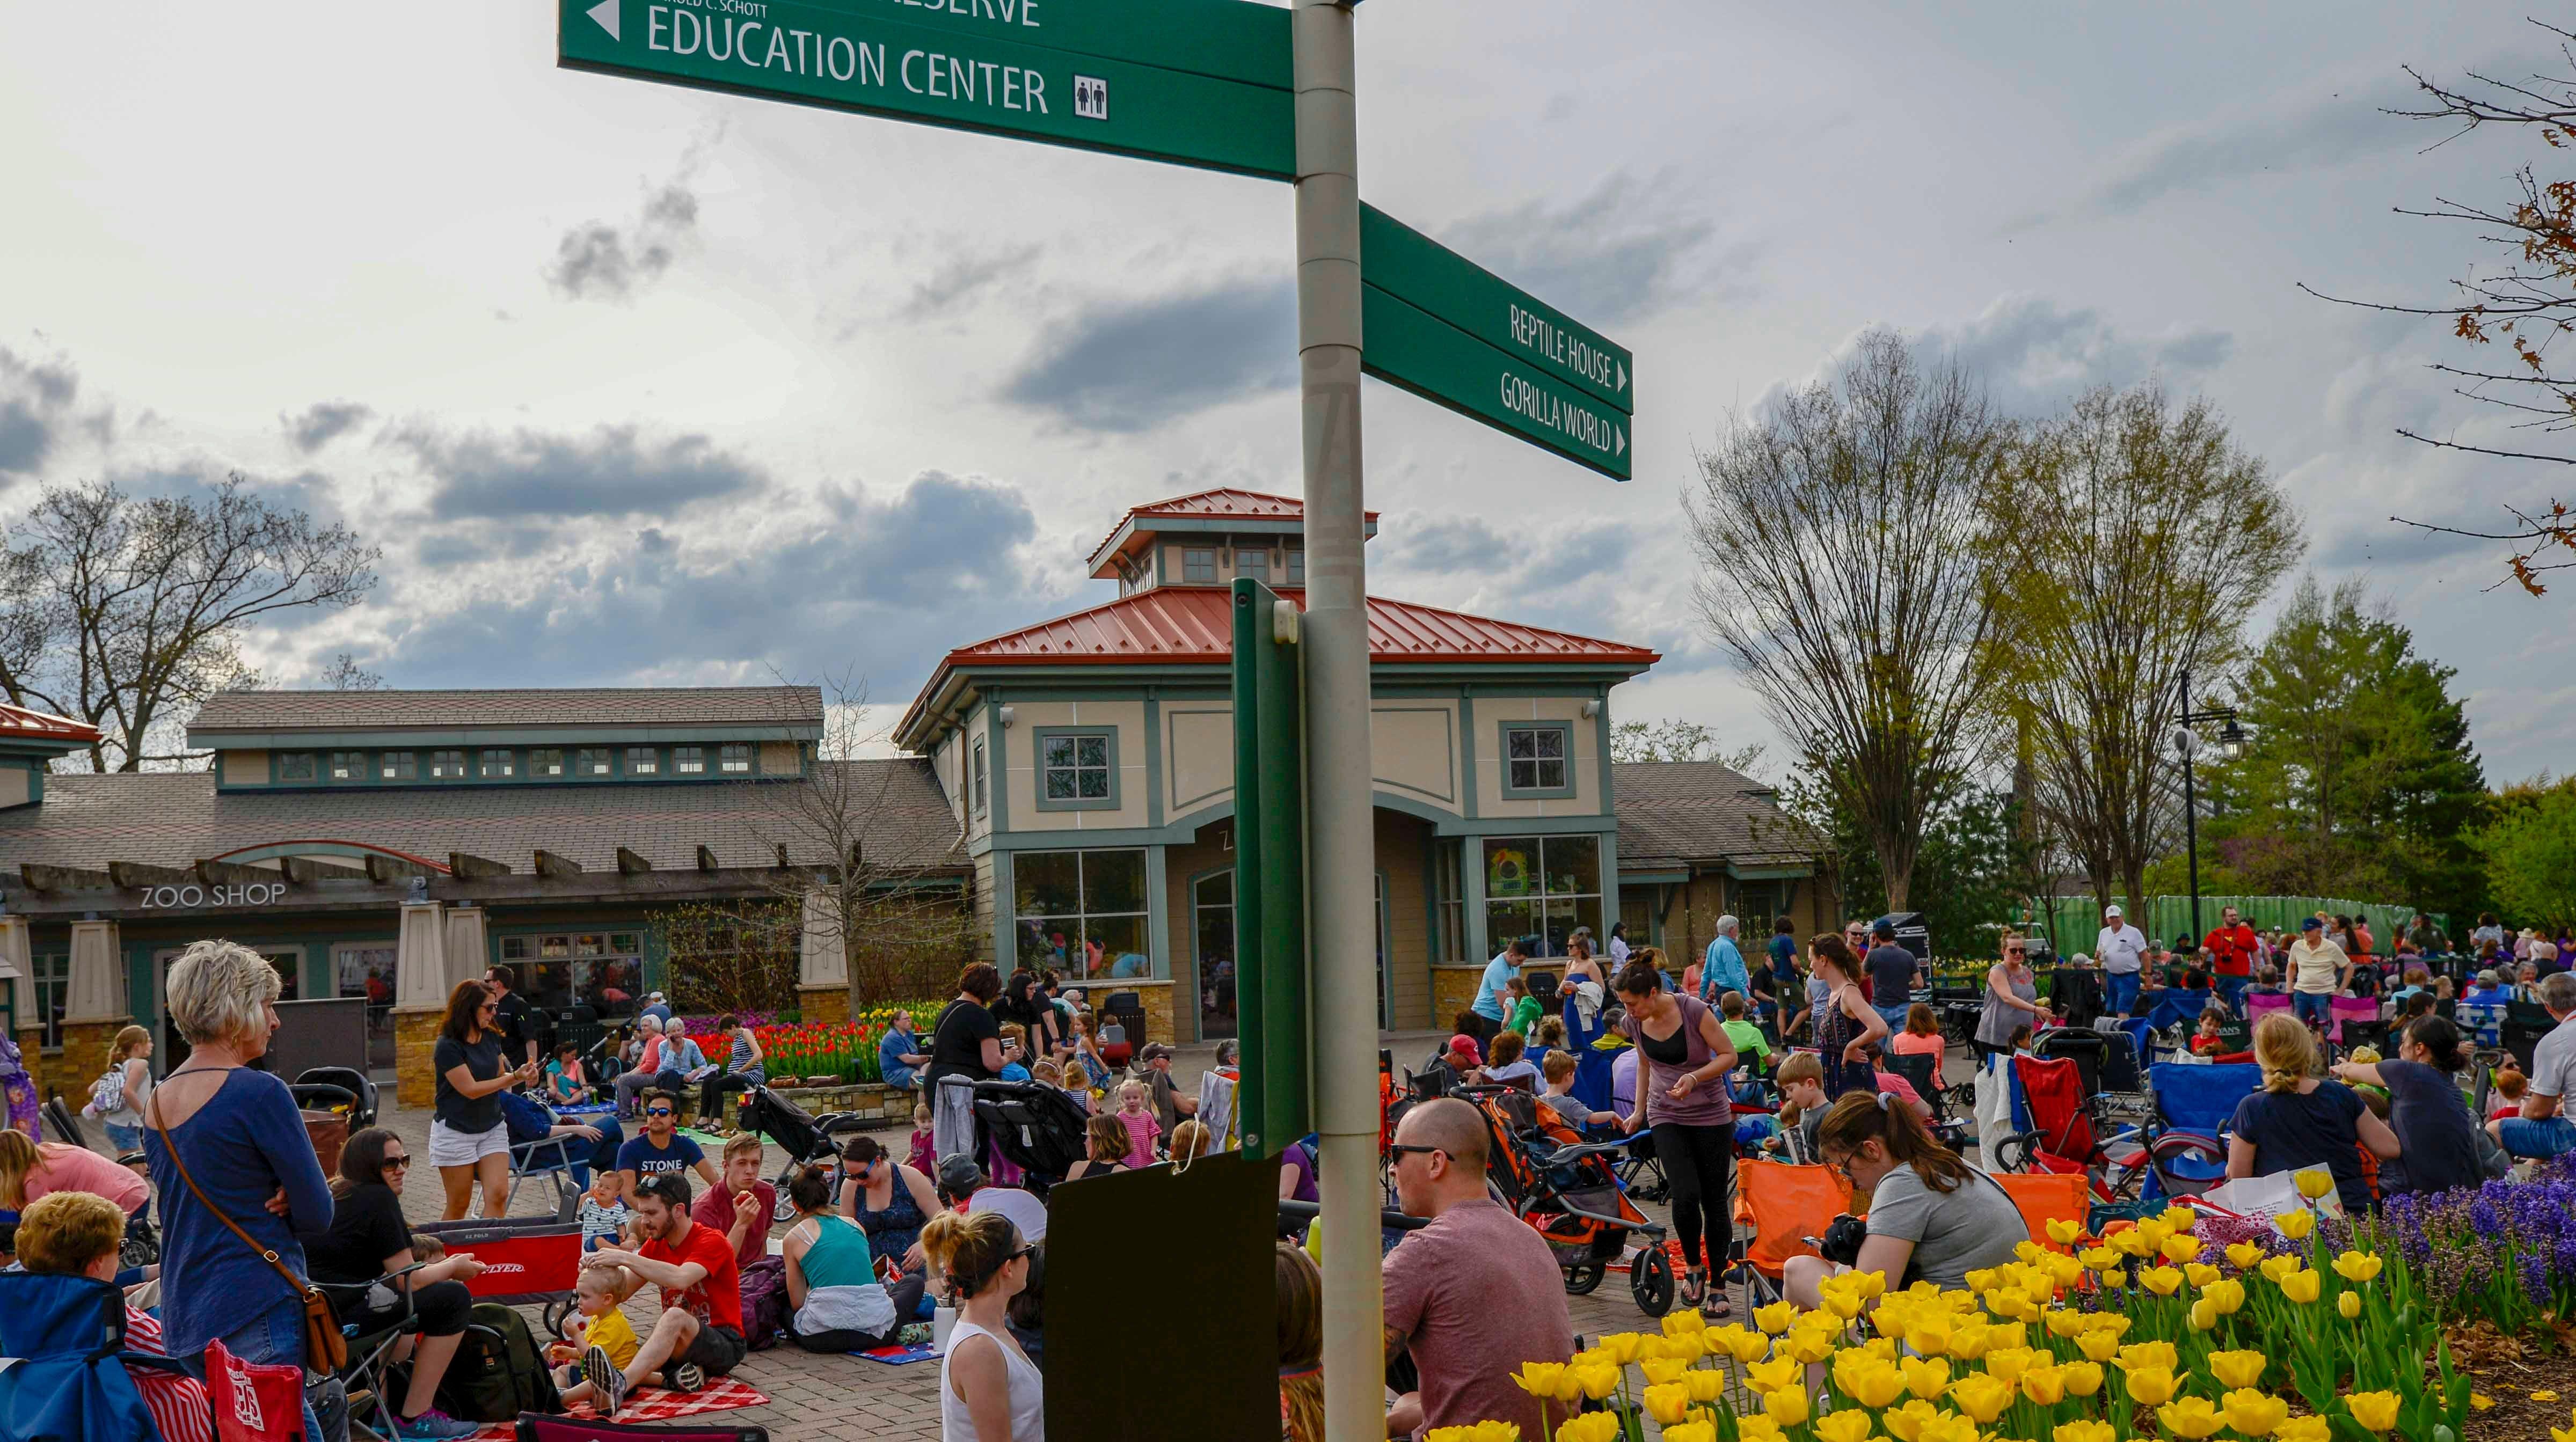 PHOTOS: Tunes & Blooms at Cincinnati Zoo is in full bloom